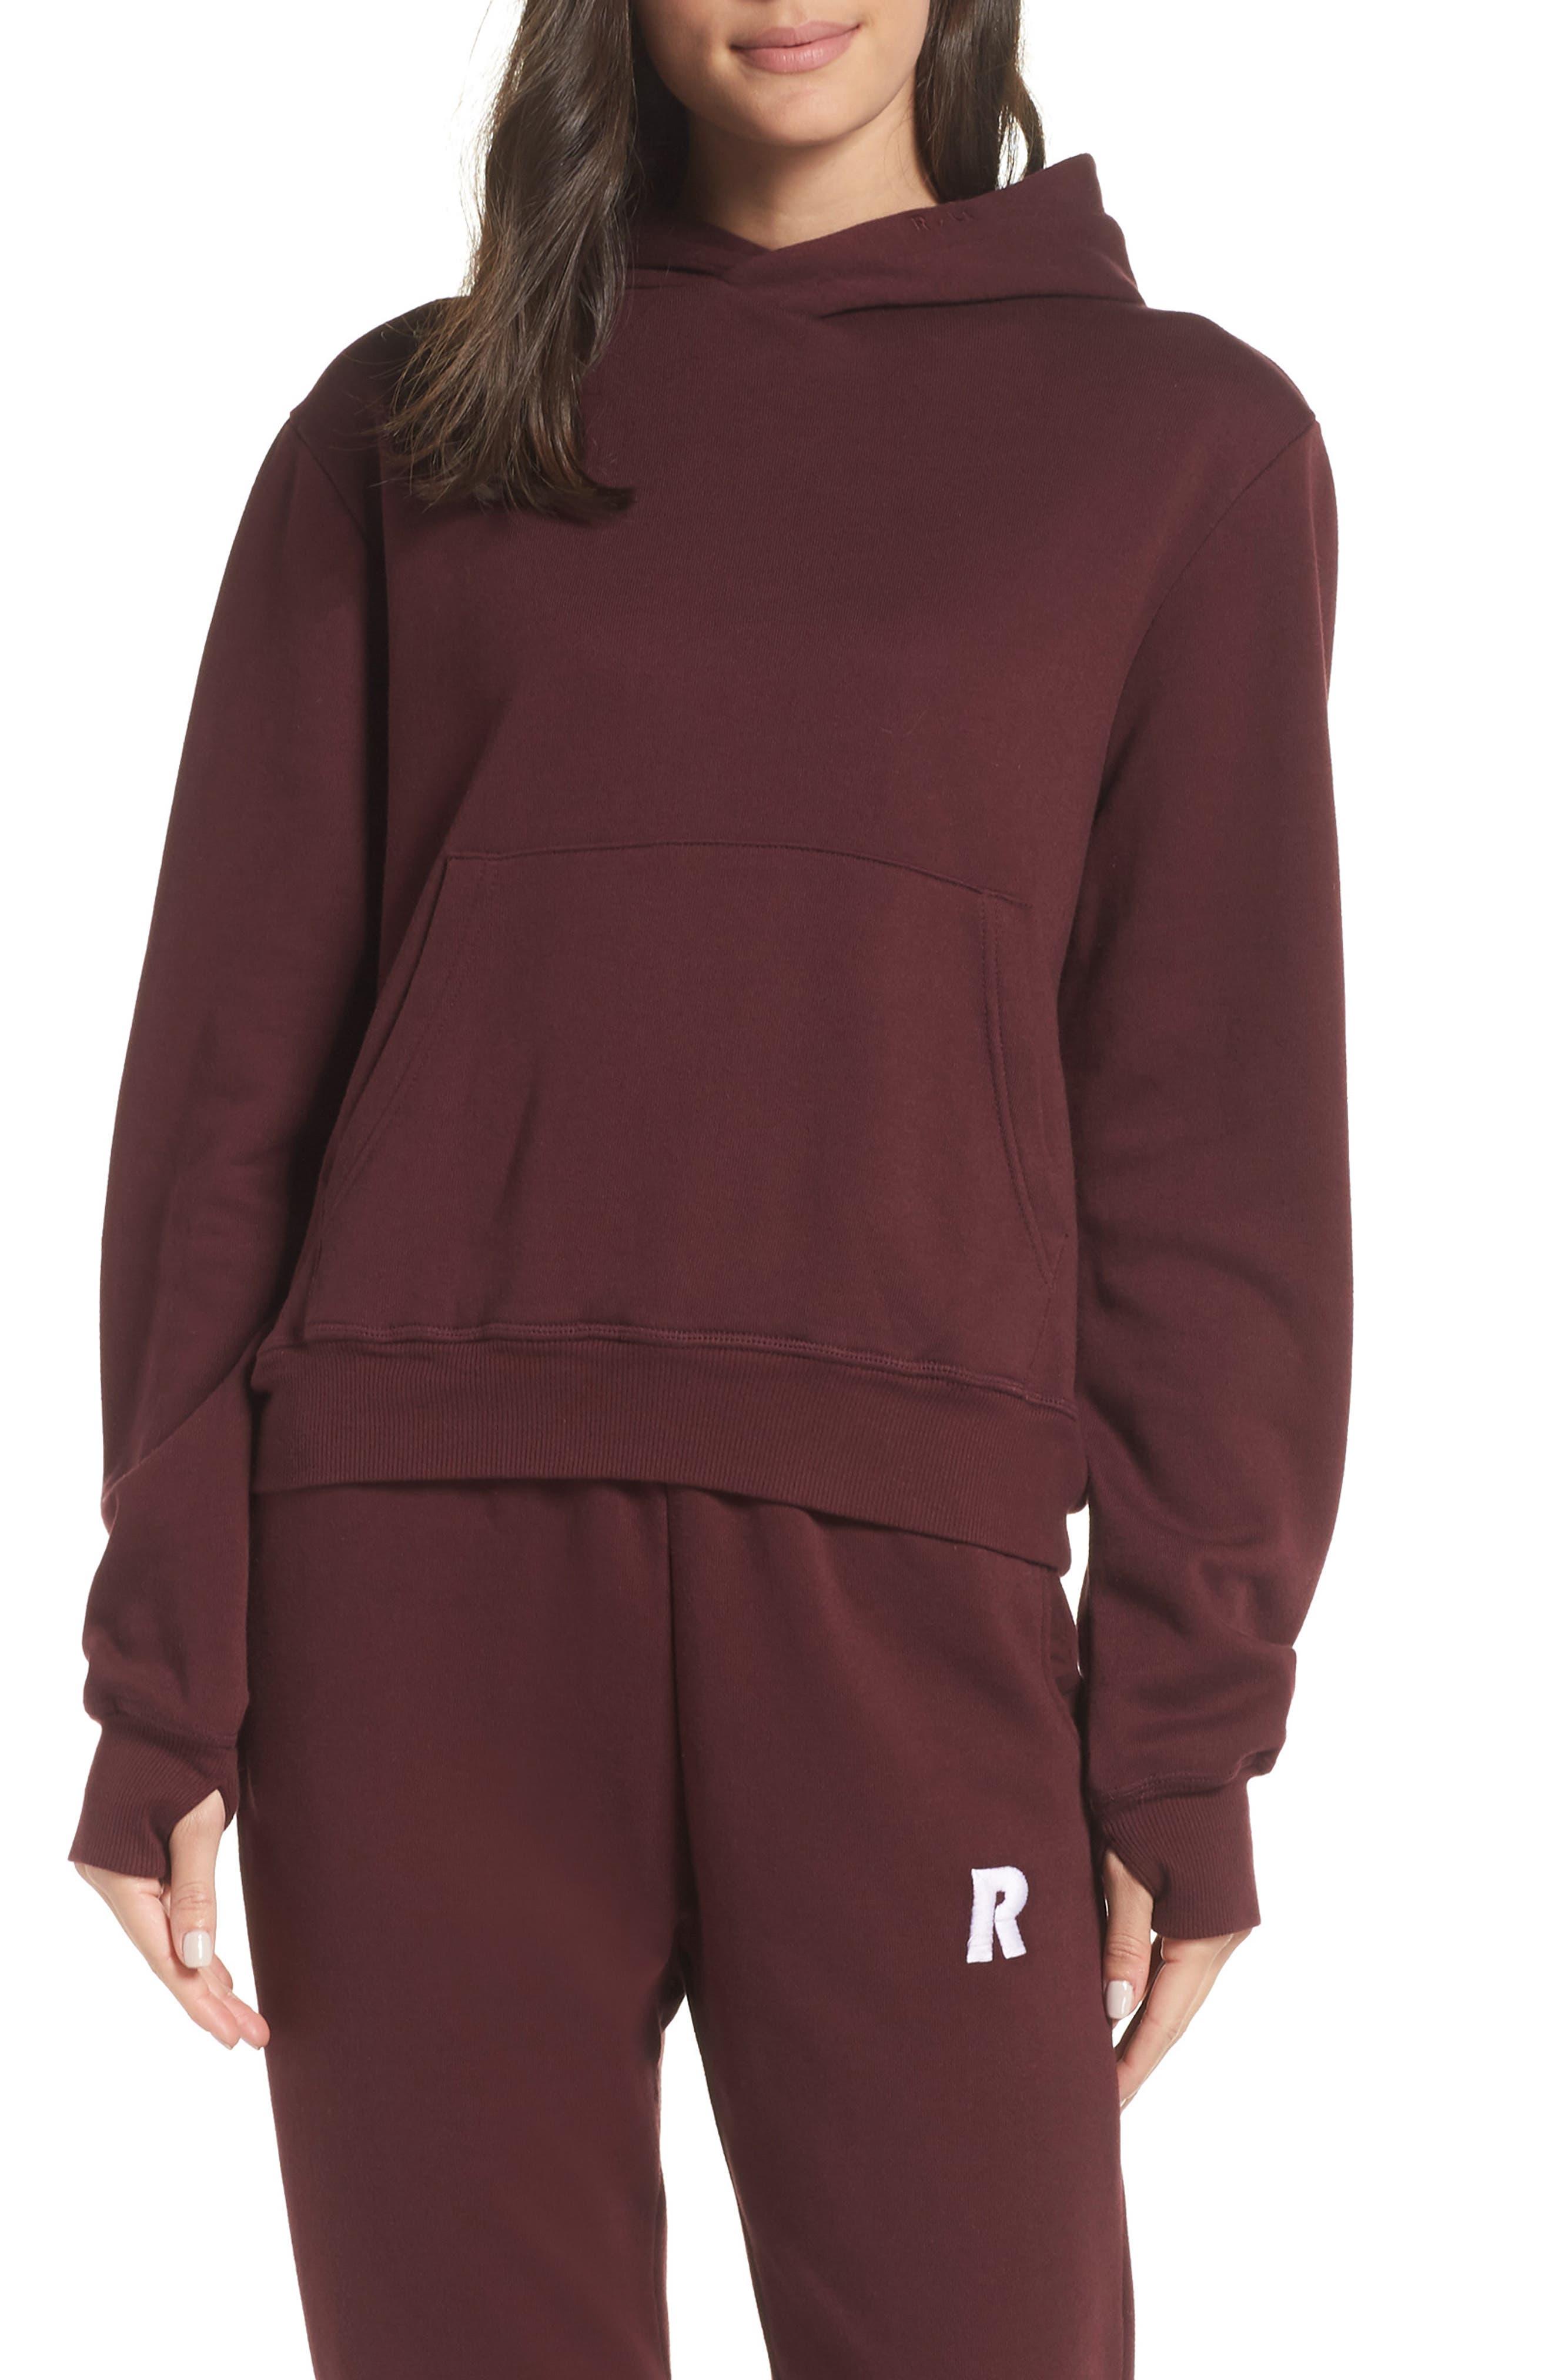 RAGDOLL Hoodie Sweatshirt in Bordeaux